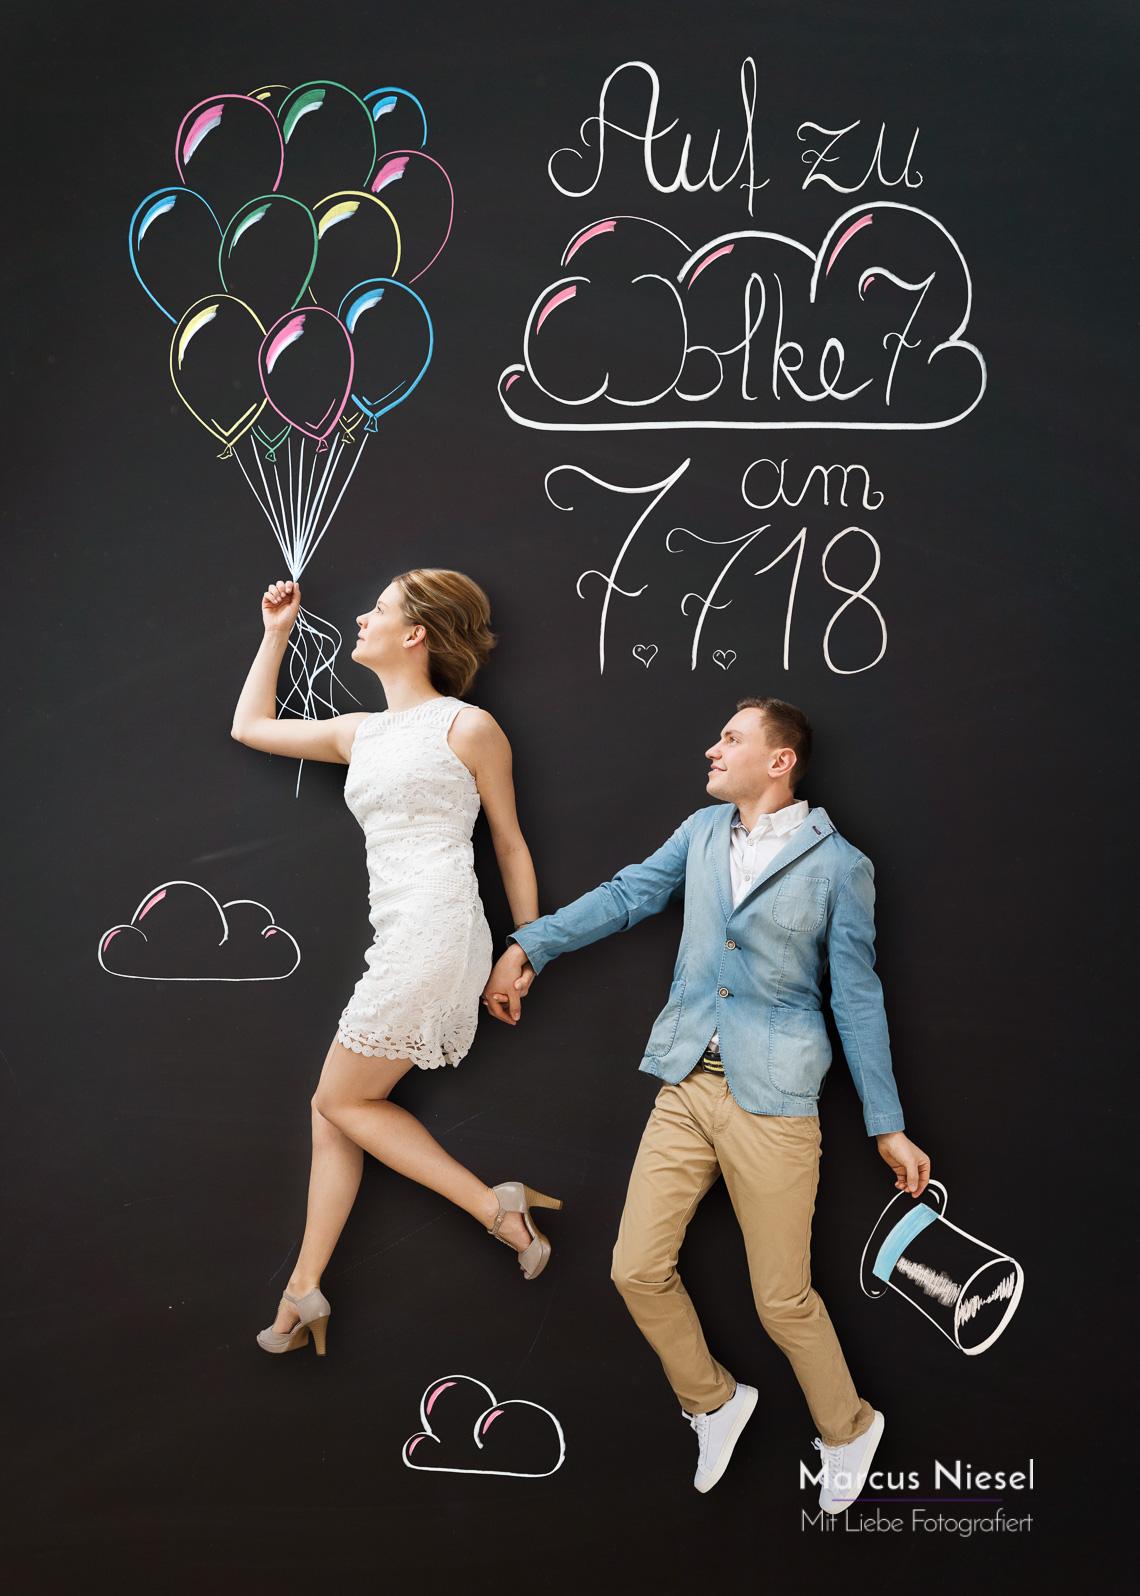 Ein Paar schwebt Hand in Hand an einem großen Bündel Luftballons hängen der Wolke 7 entgegen. Ihrem Hochzeitstag am 7.7.18. Fotograf und Kreidekünstler - Marcus Niesel